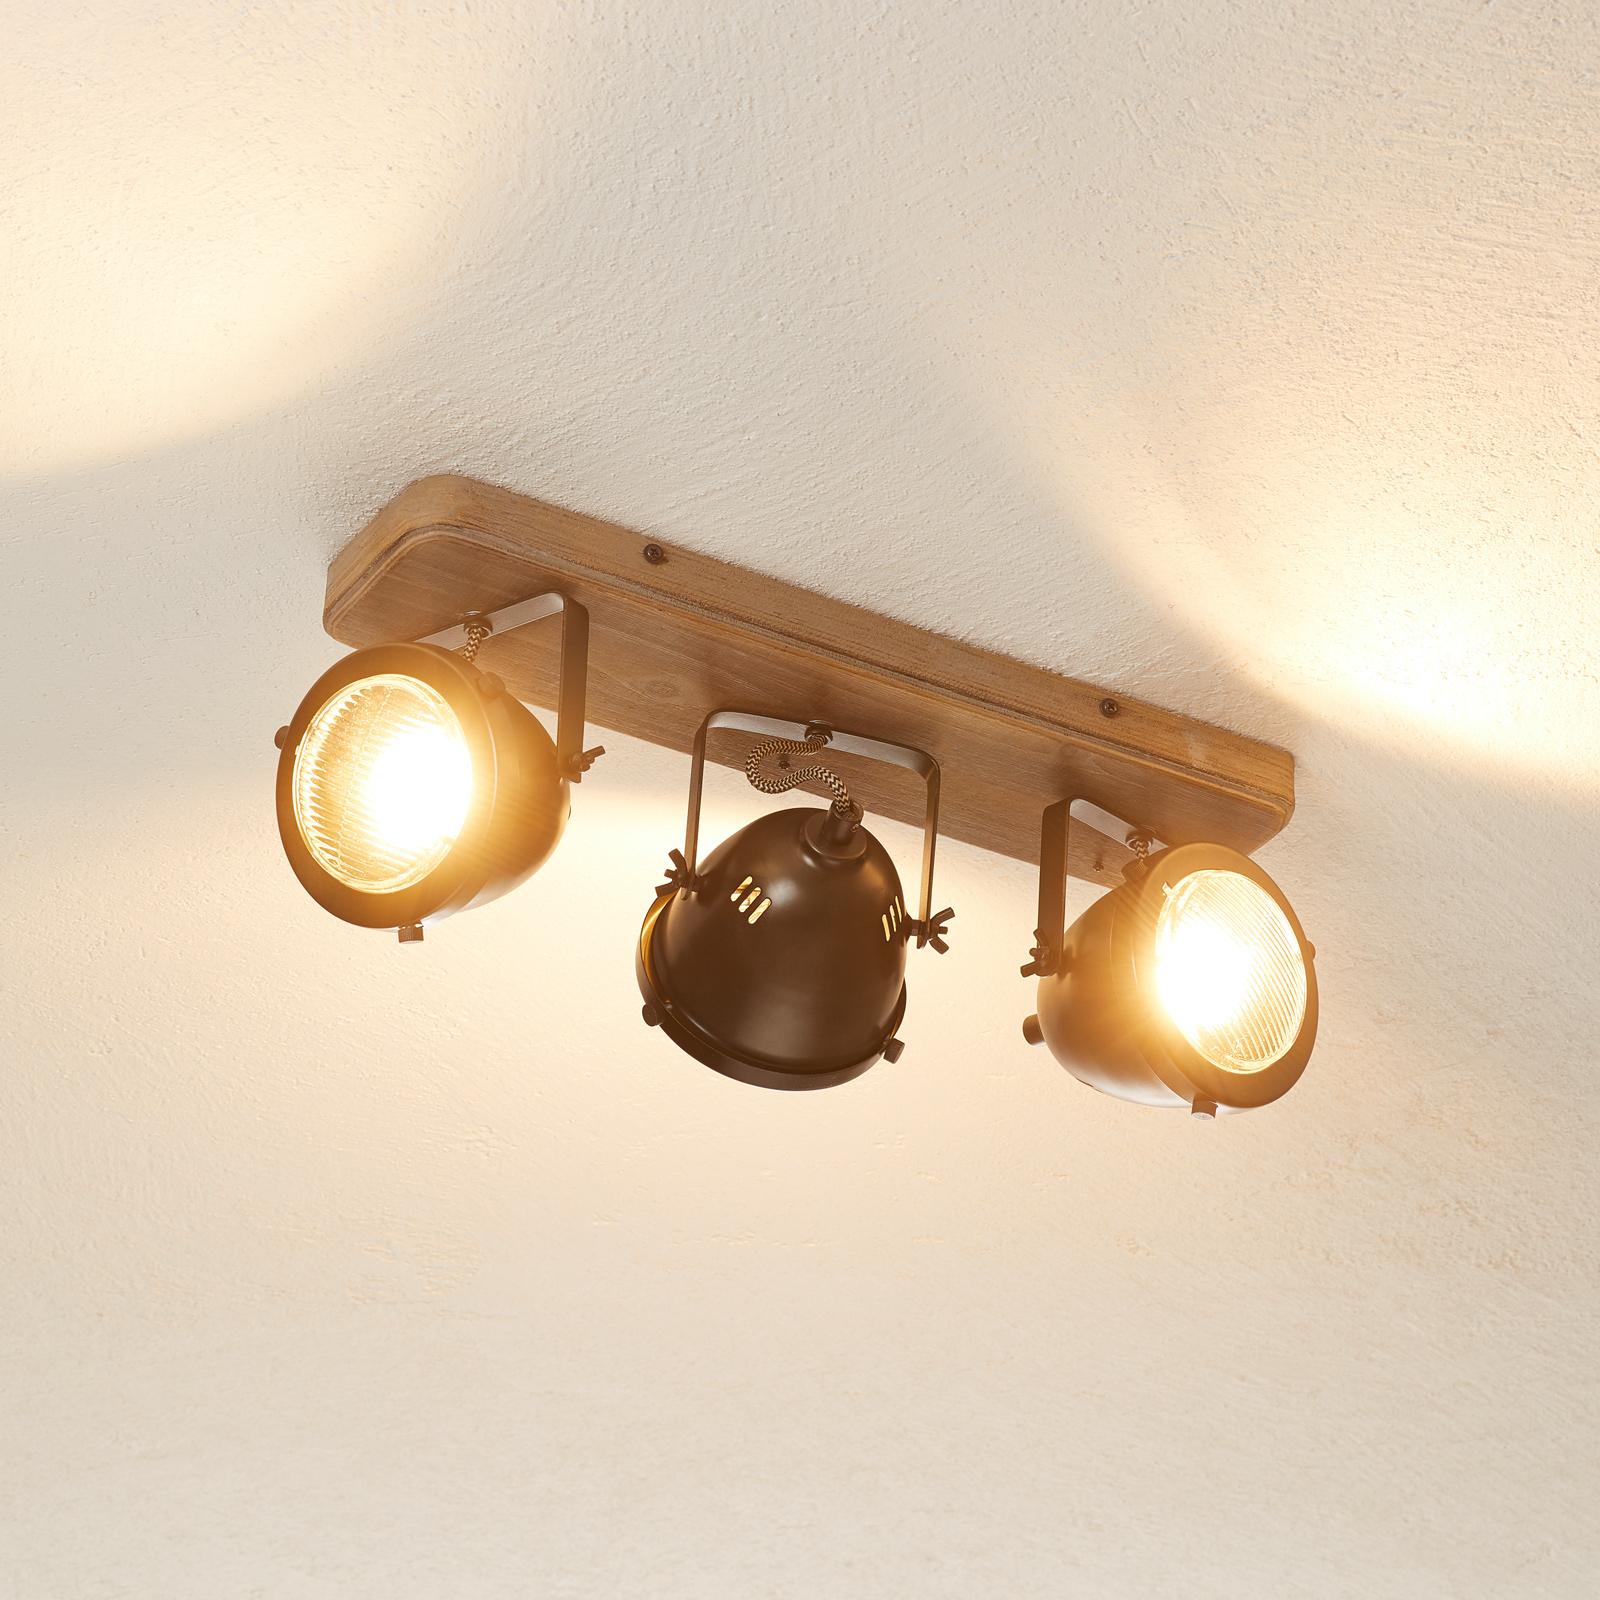 Lámpara de techo Carmen Wood industrial, 3 brazos